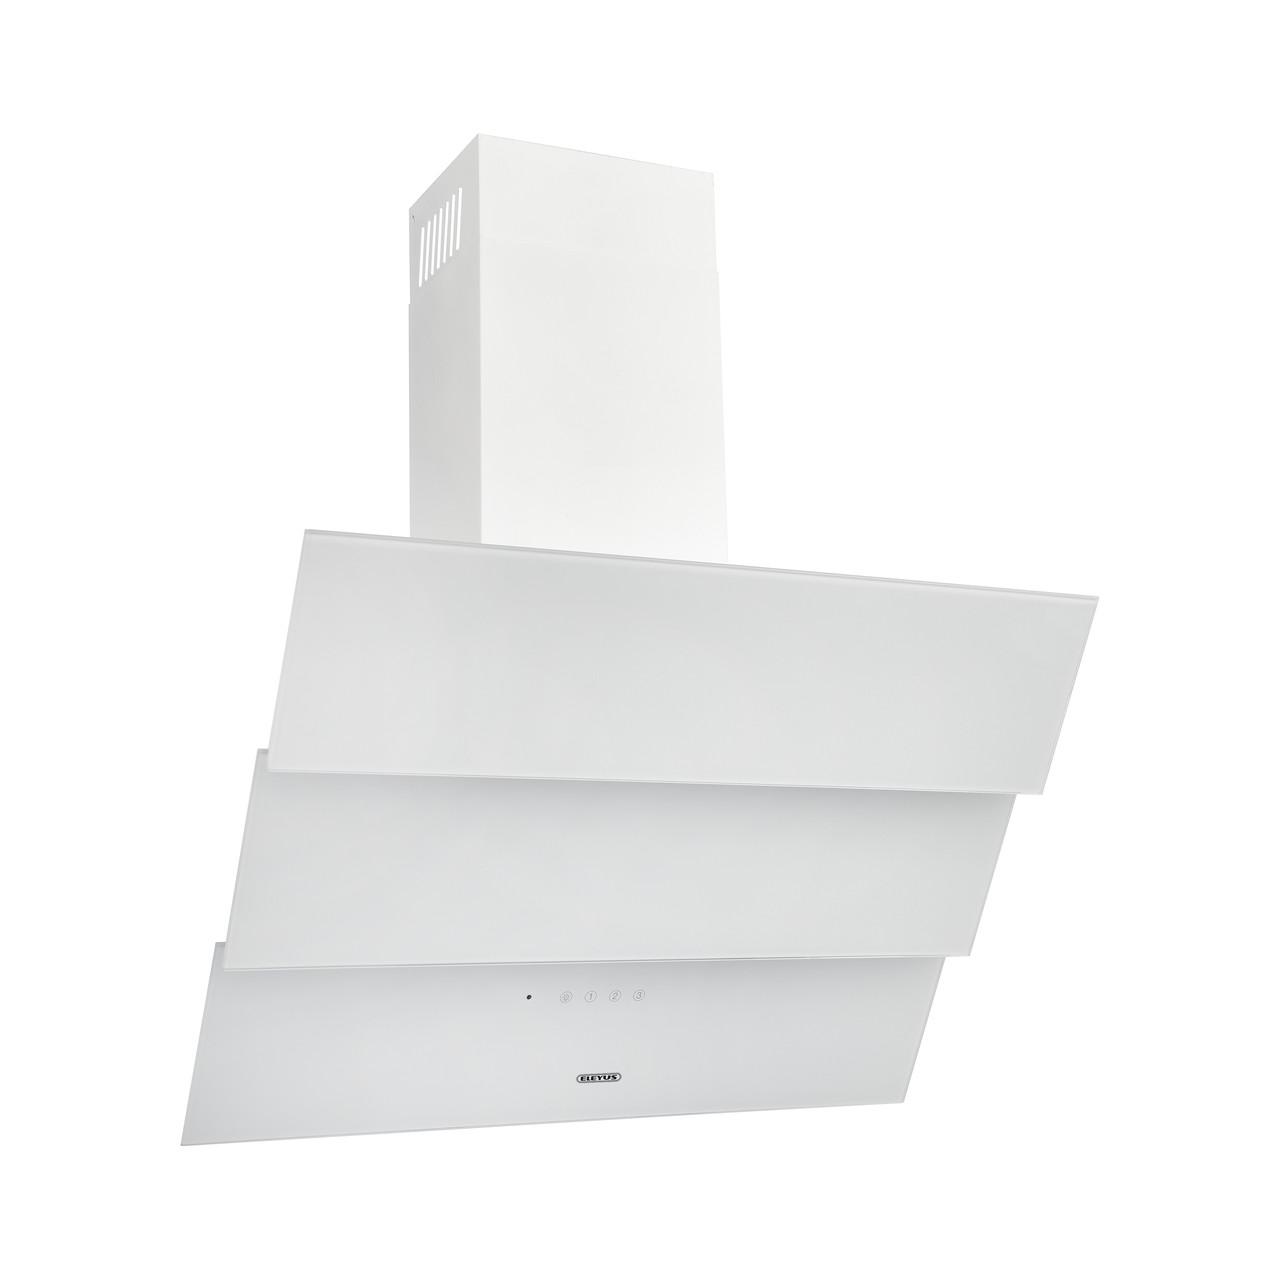 Витяжка кухонна вертикальна ELEYUS Fiona 1000 60 WH + Безкоштовна доставка!